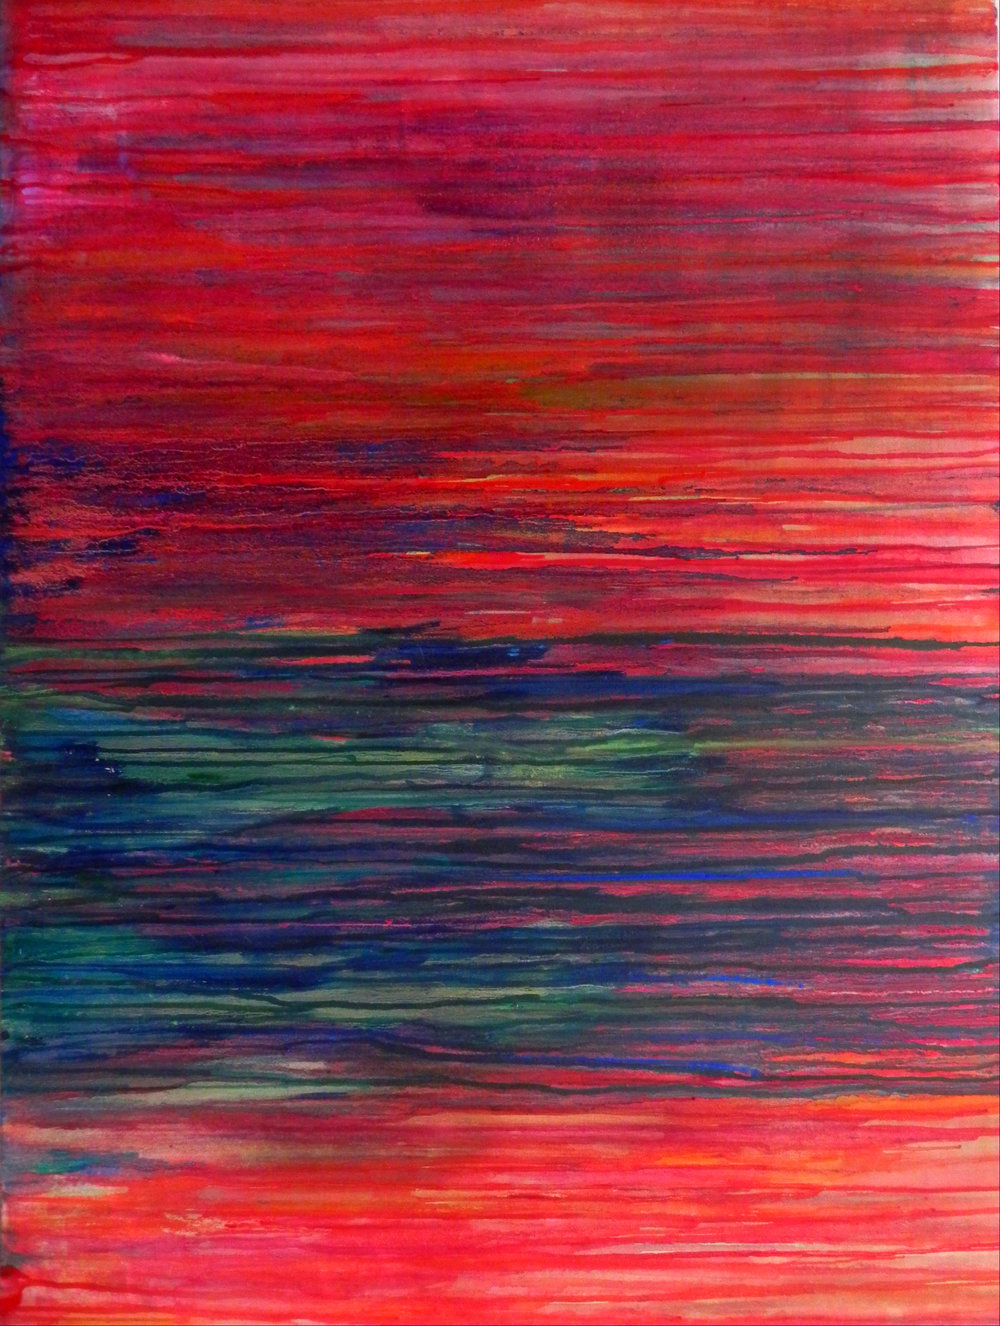 """WASHED AWAY, 2012. 40"""" x 30"""". Canvas. Mixed Media. Copyright © Karen Santos 2013."""